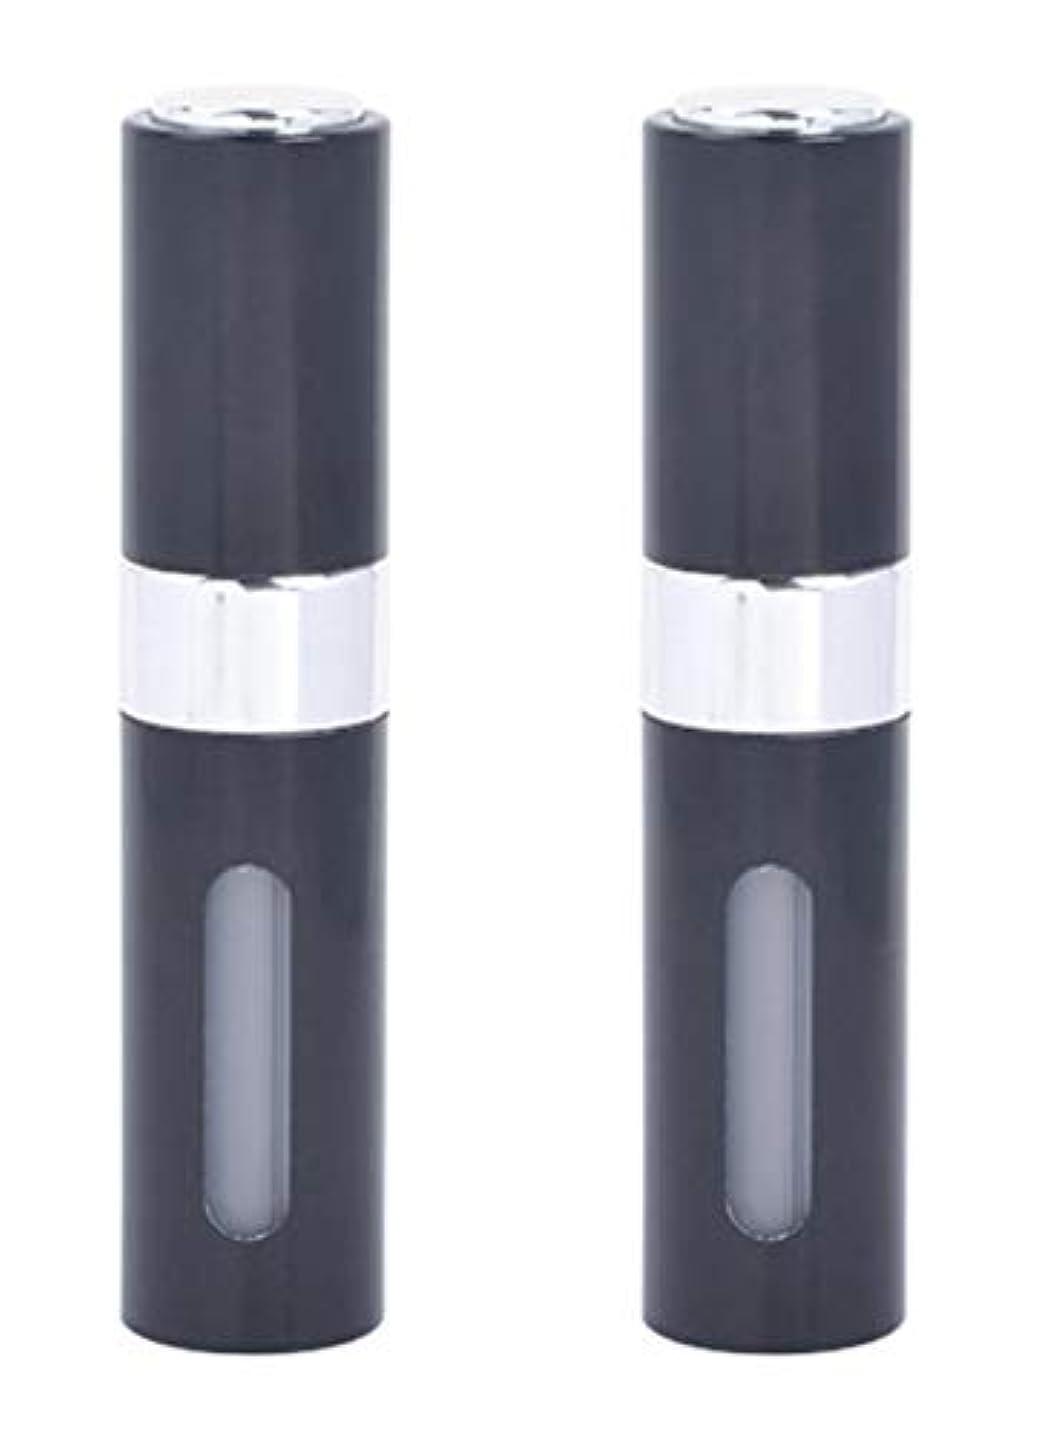 端末顧問壊すアクアミー ワンタッチ 補充 アトマイザー クイック 詰め替え 携帯 香水 スプレー 8ml (2個組, ブラック)